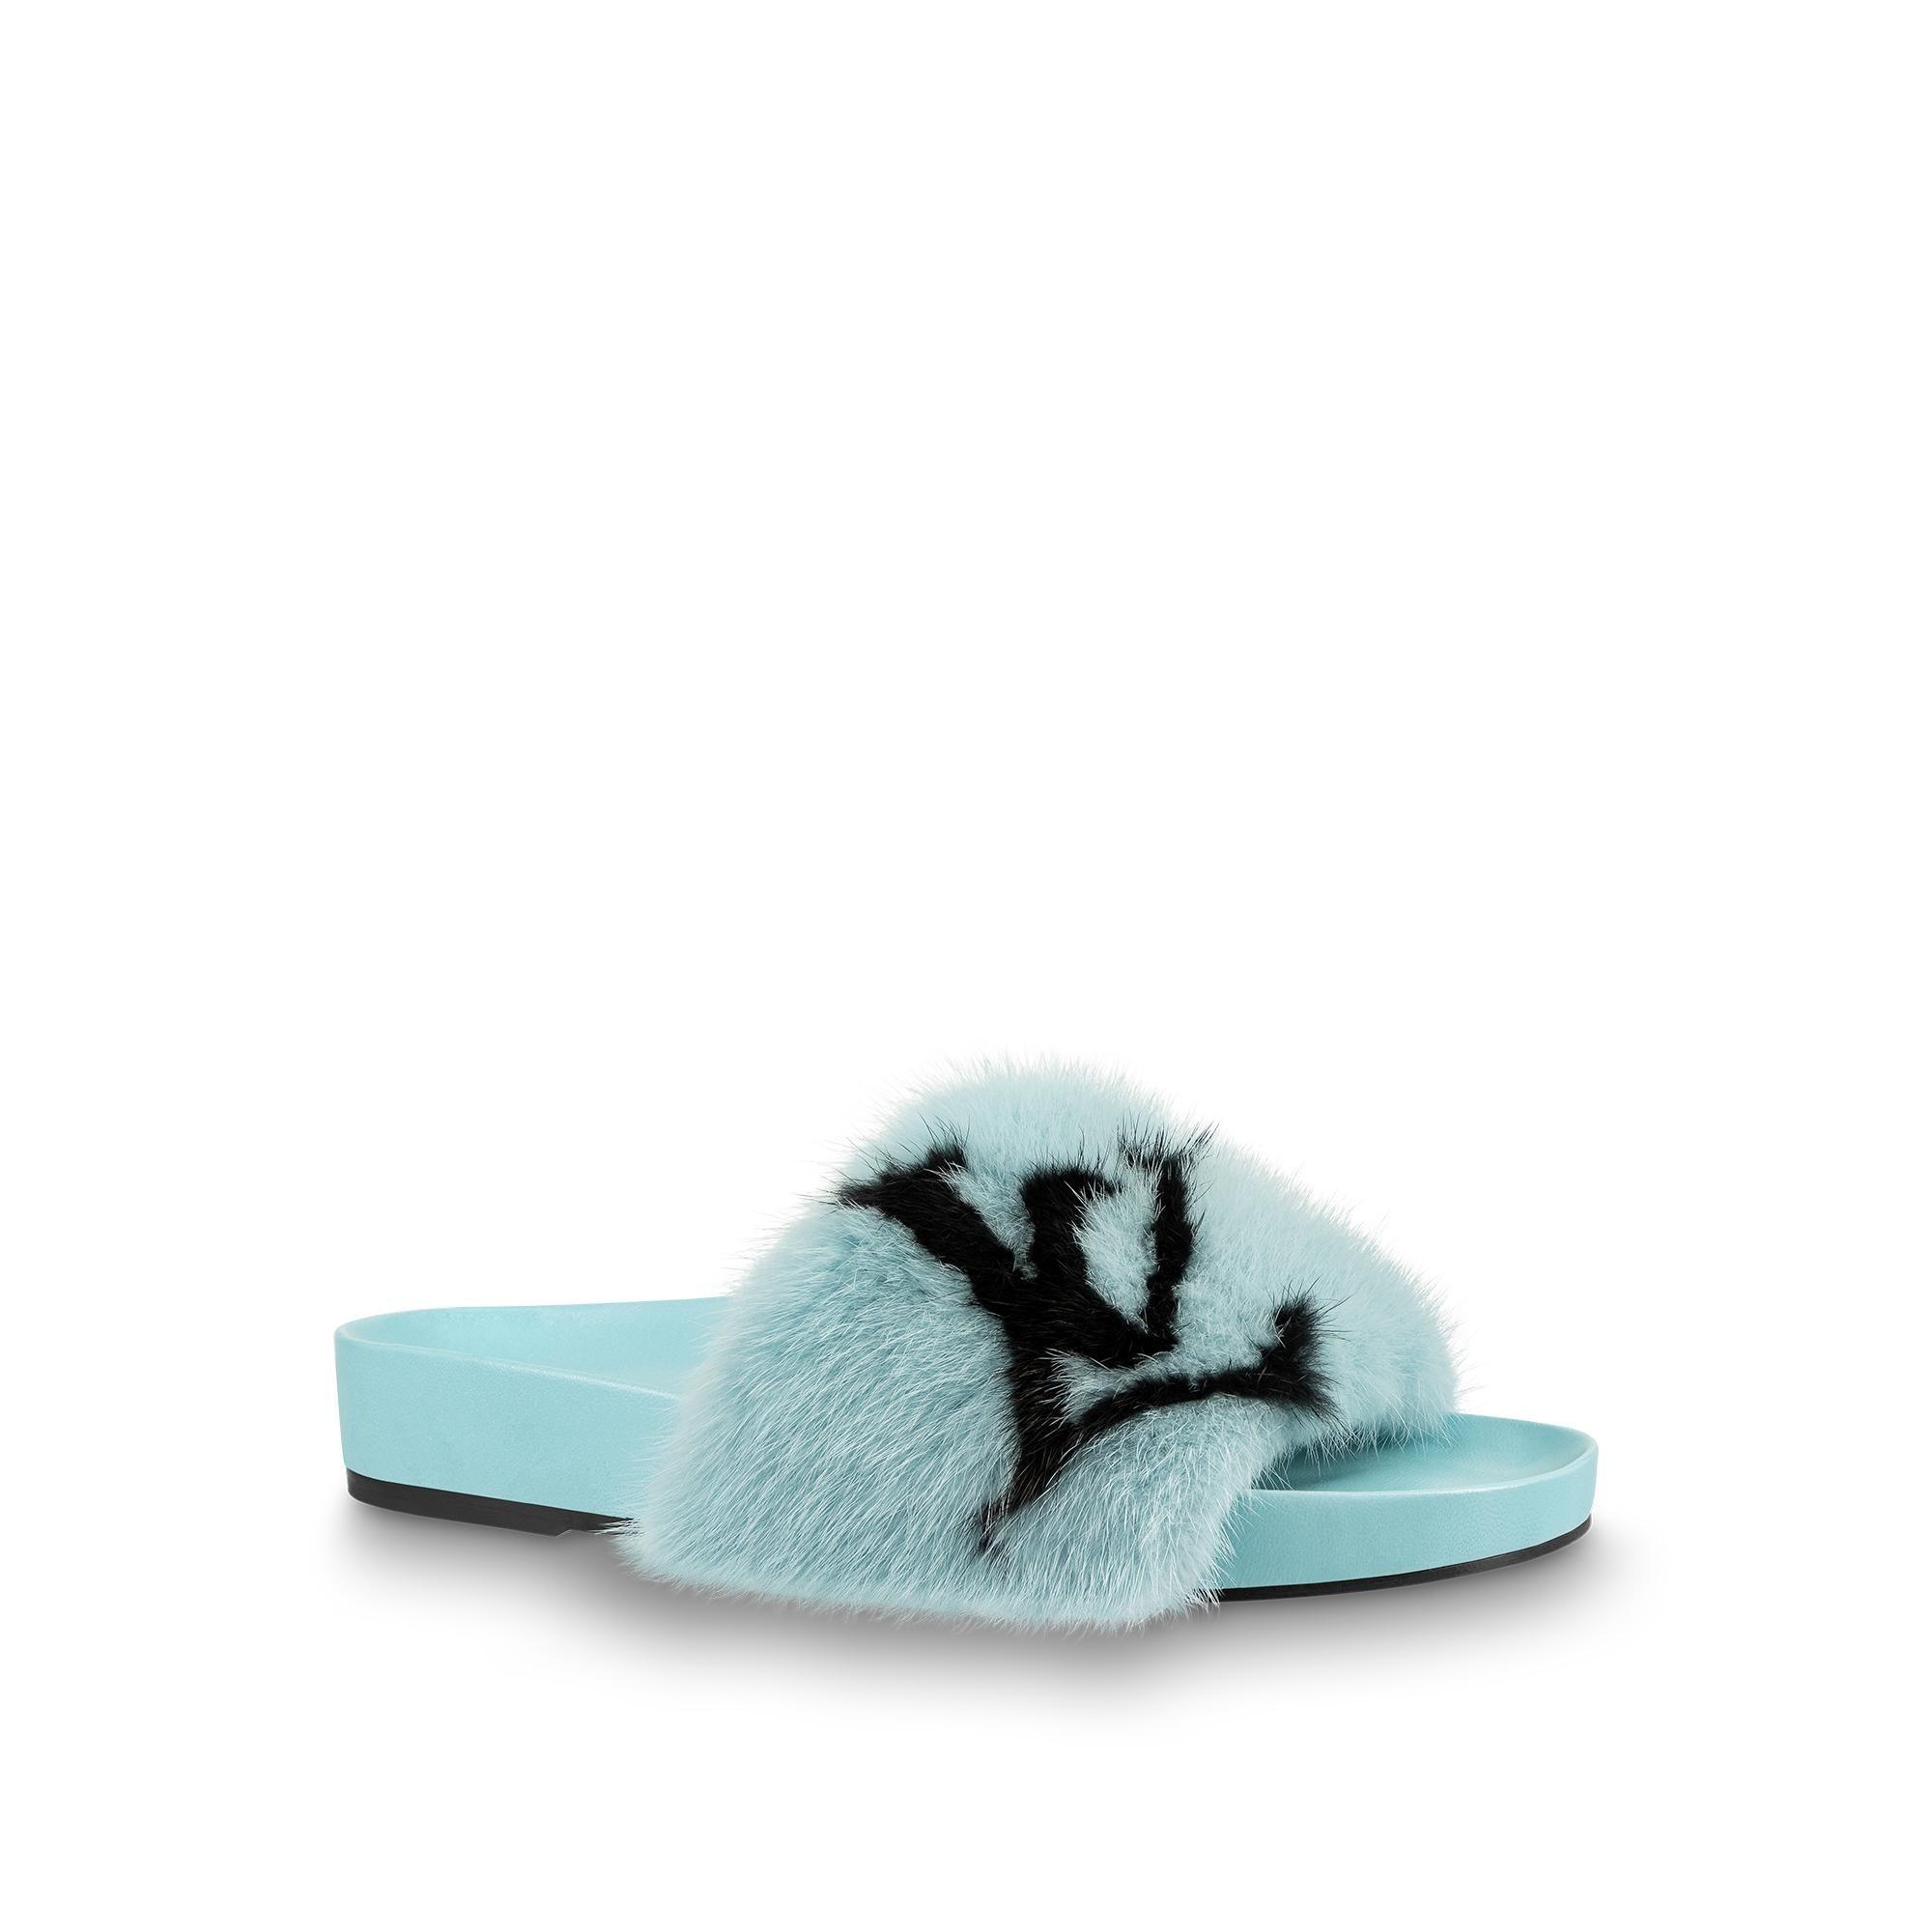 f480cc94615194 Designer Shoes for Women - LOUIS VUITTON ®